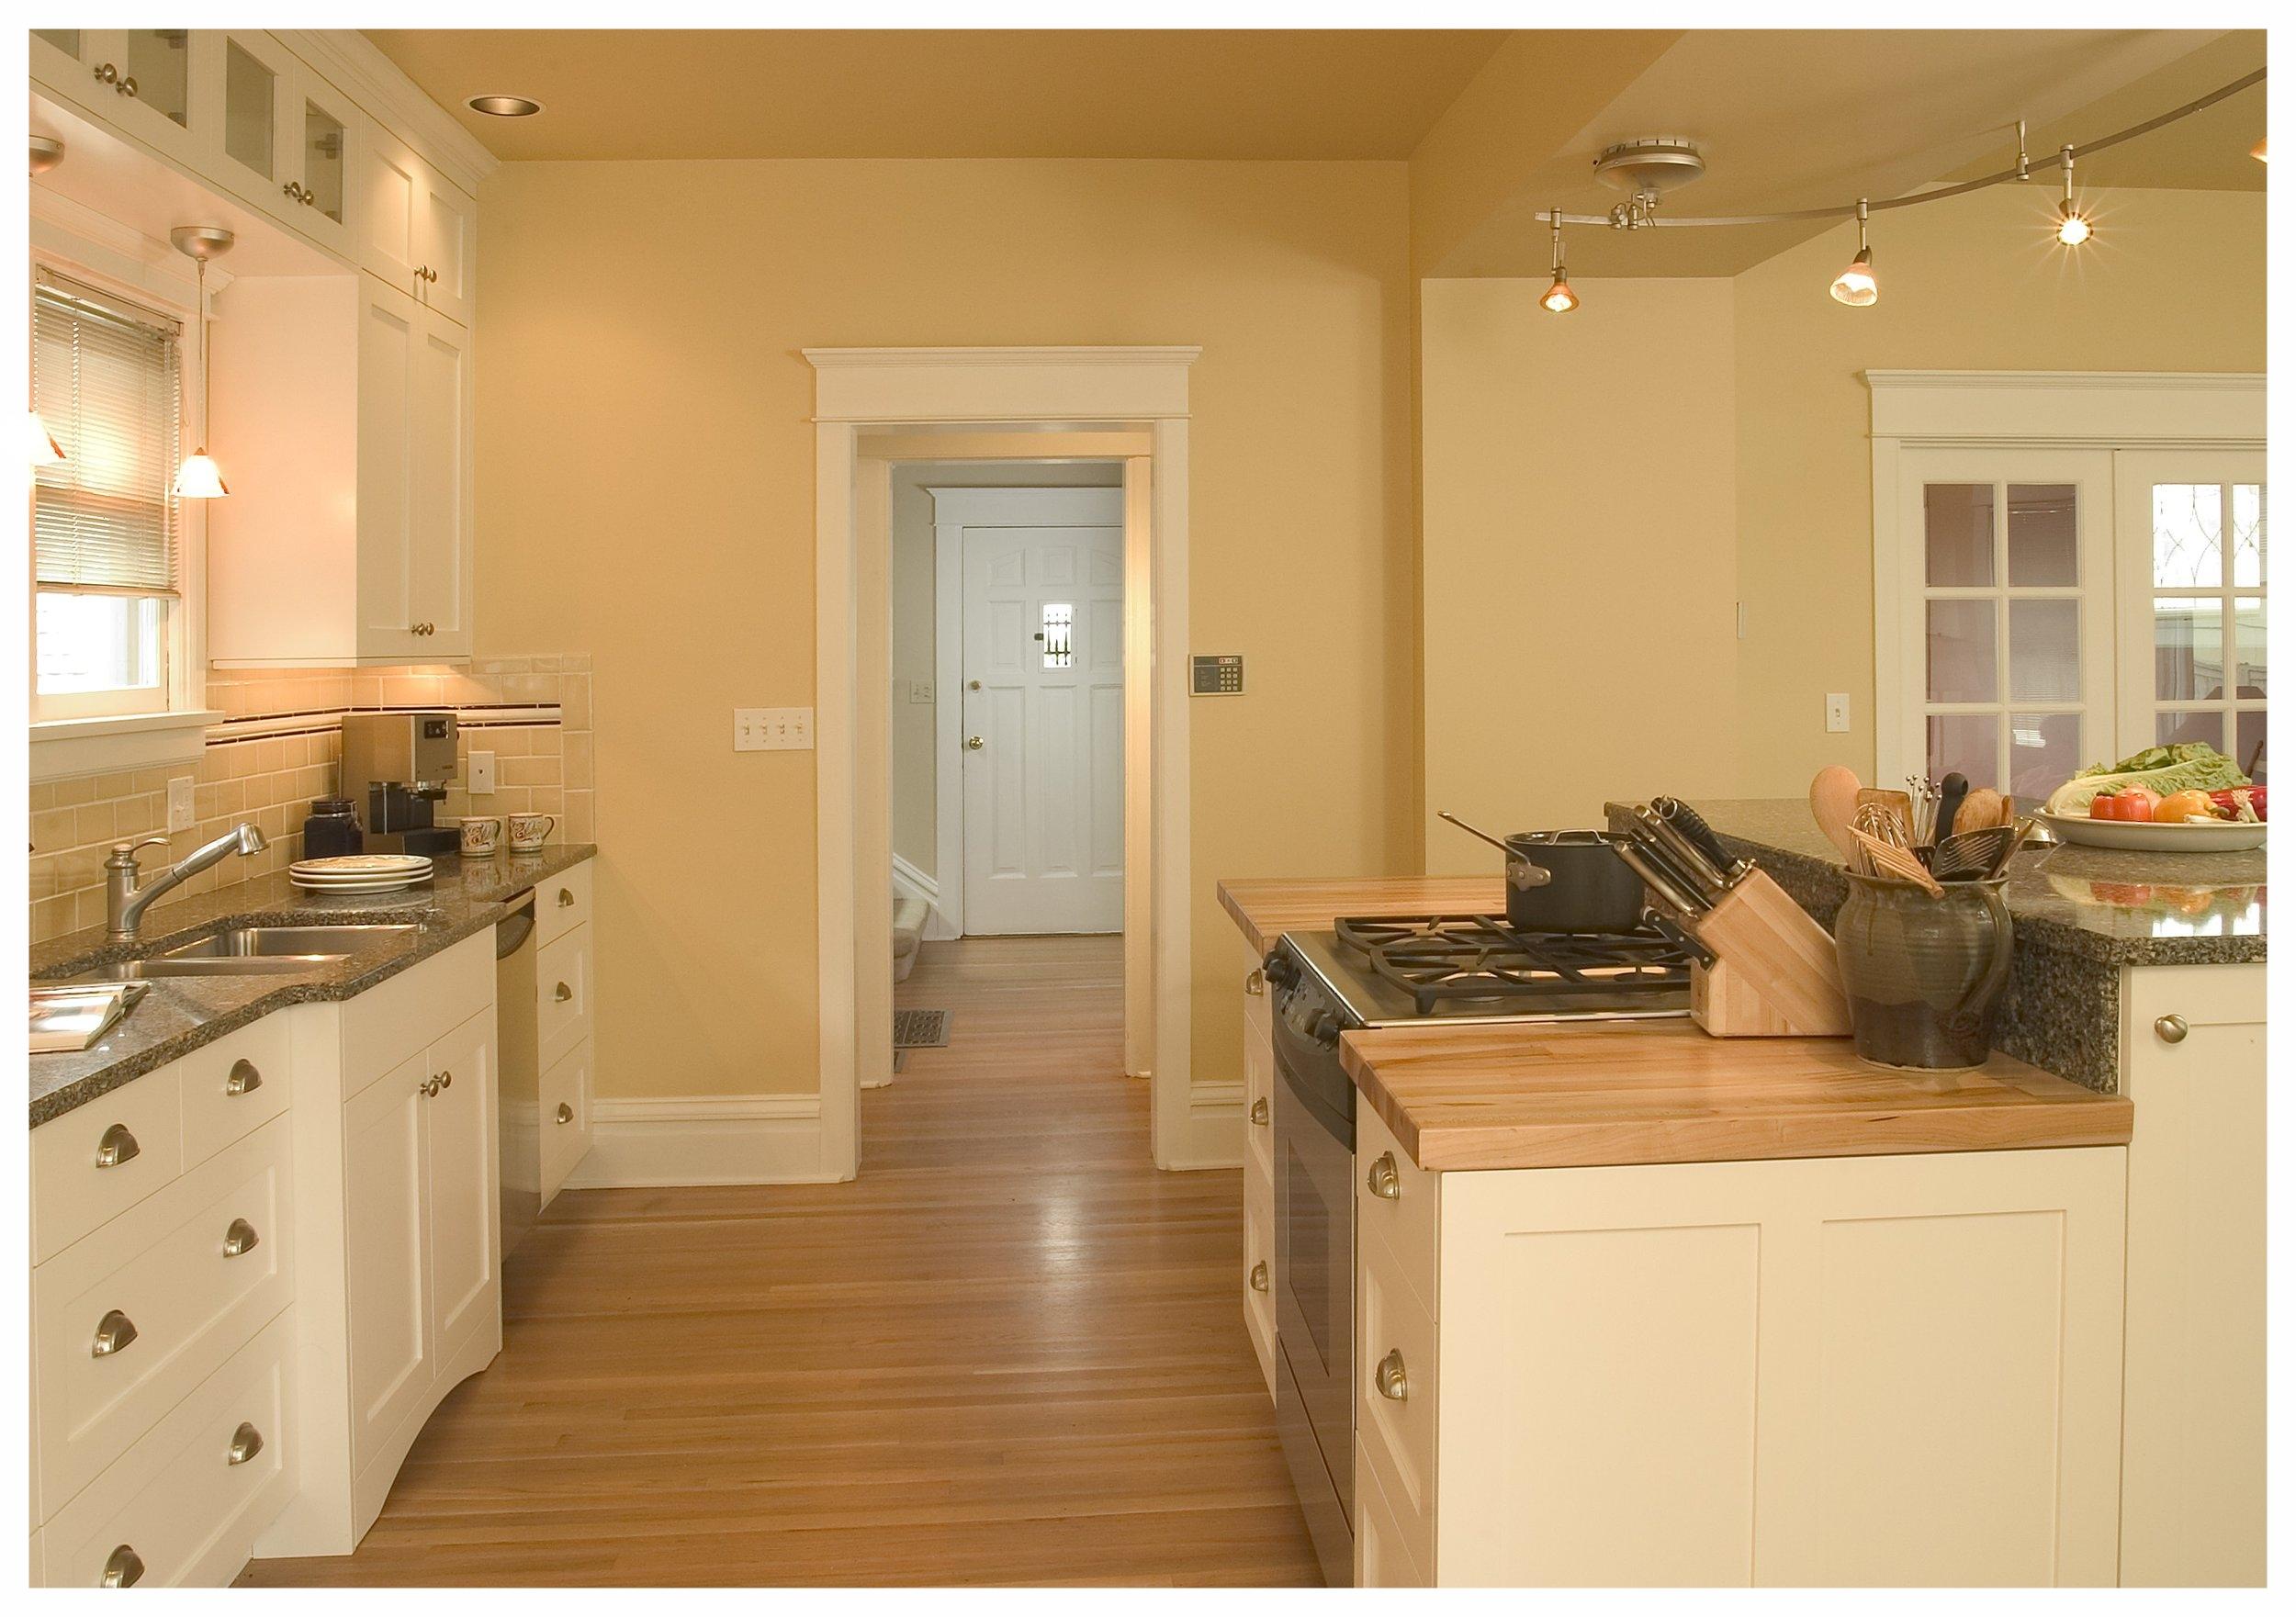 Seattle Capitol Hill Craftsman Kitchen 4.jpg